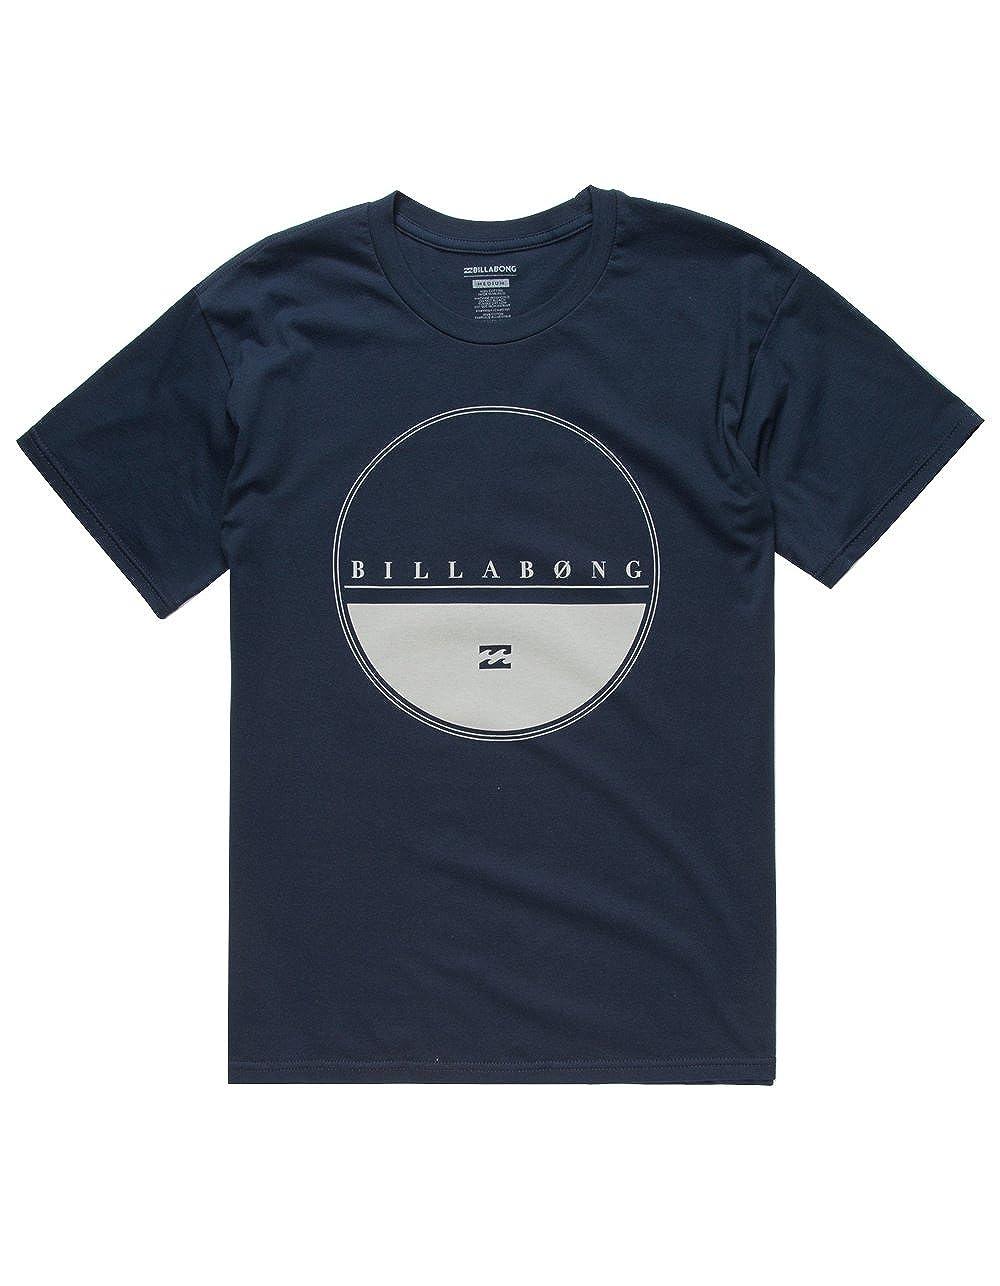 Billabong Equator T-Shirt 276609